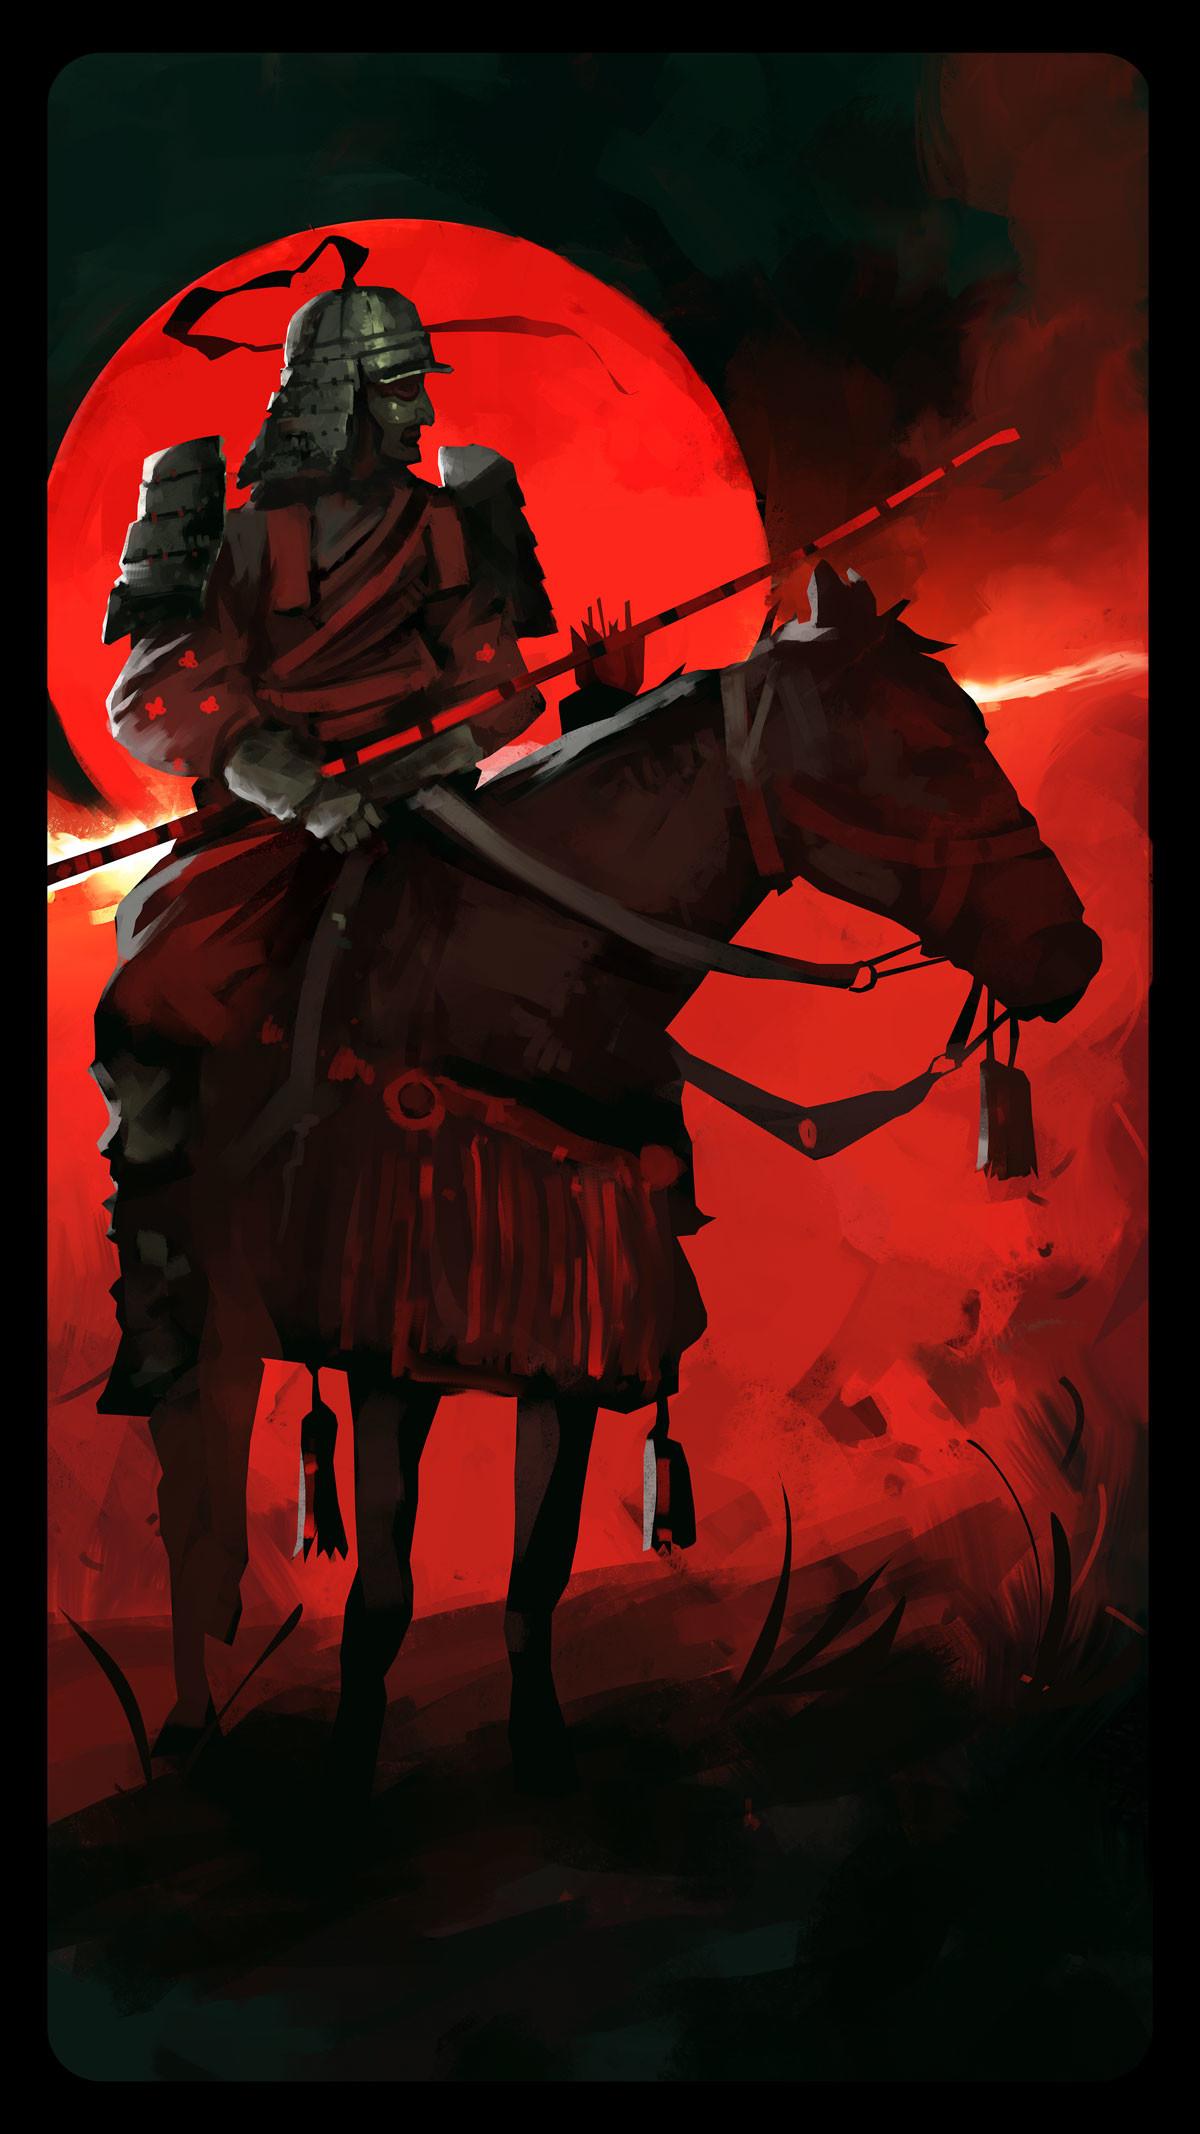 Dominik mayer samurai archer back render 01